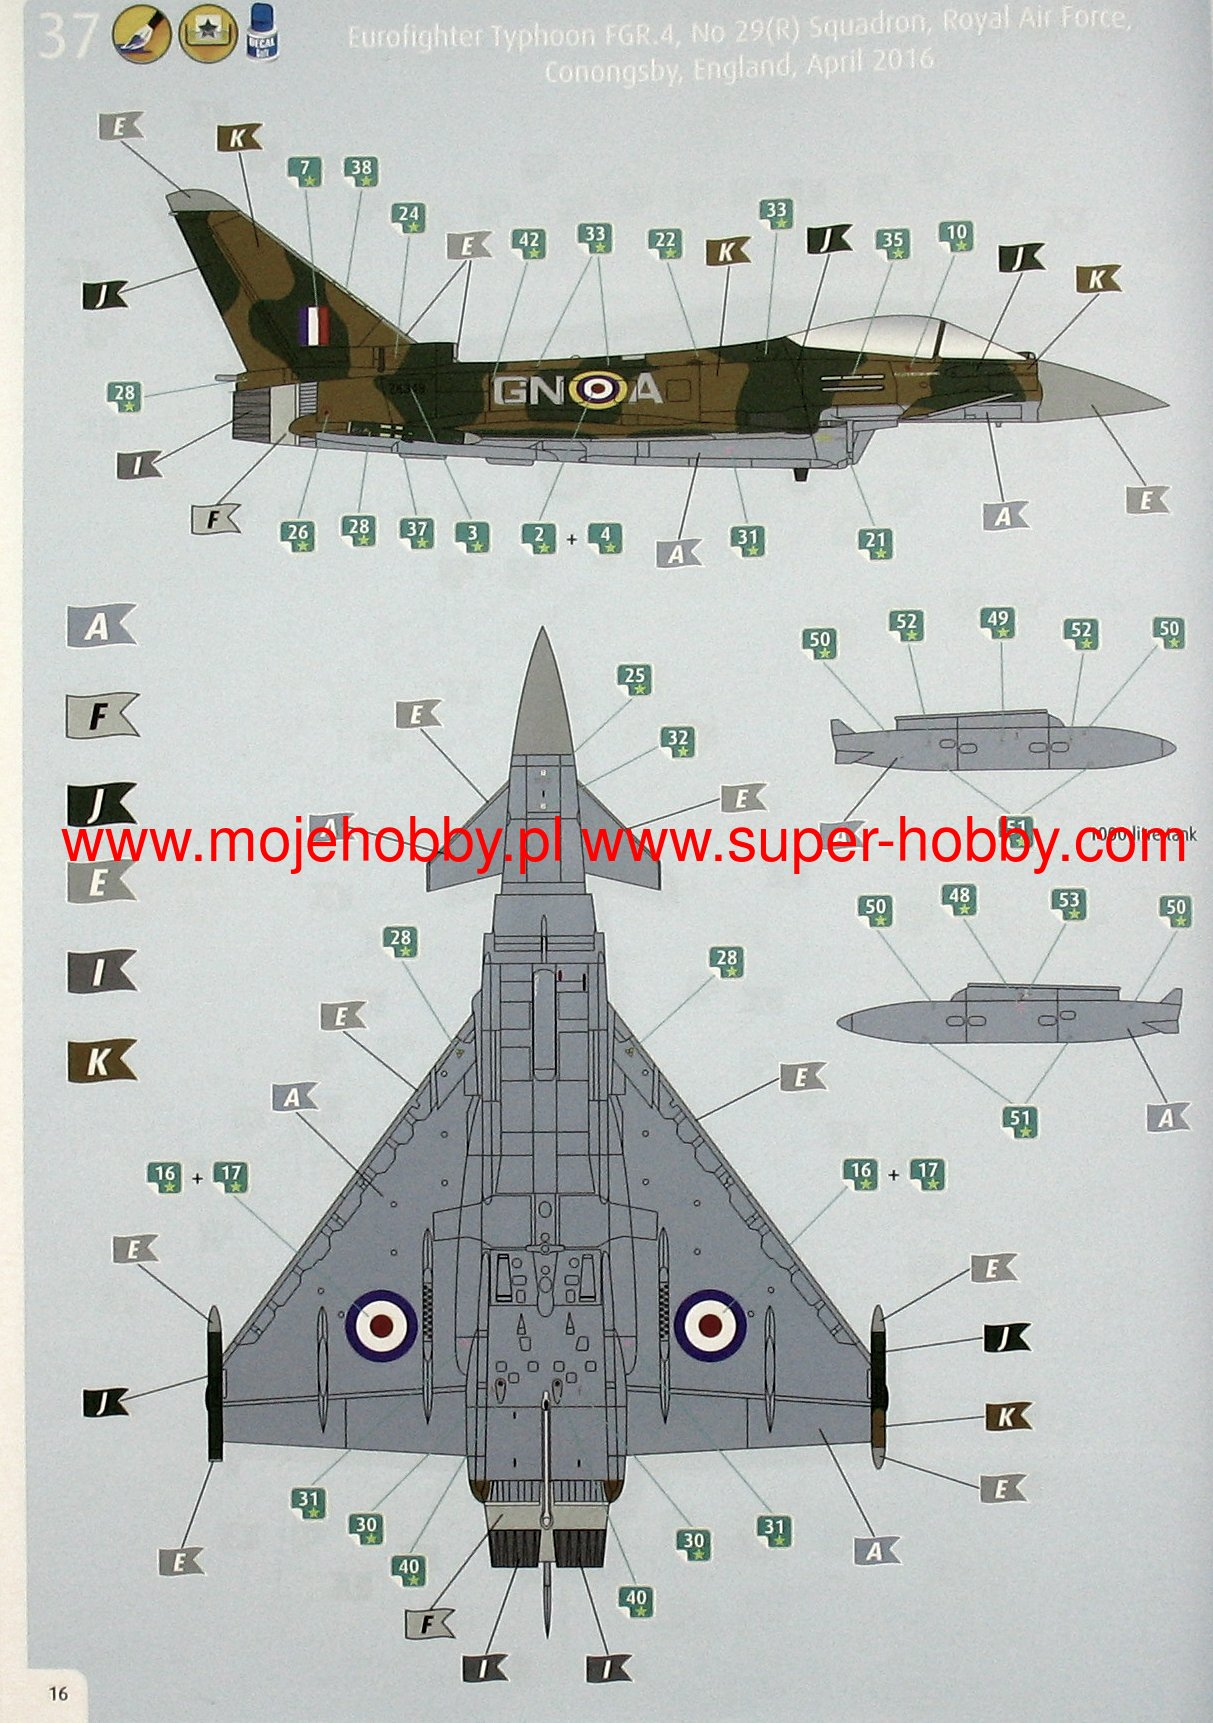 Eurofighter Typhoon R